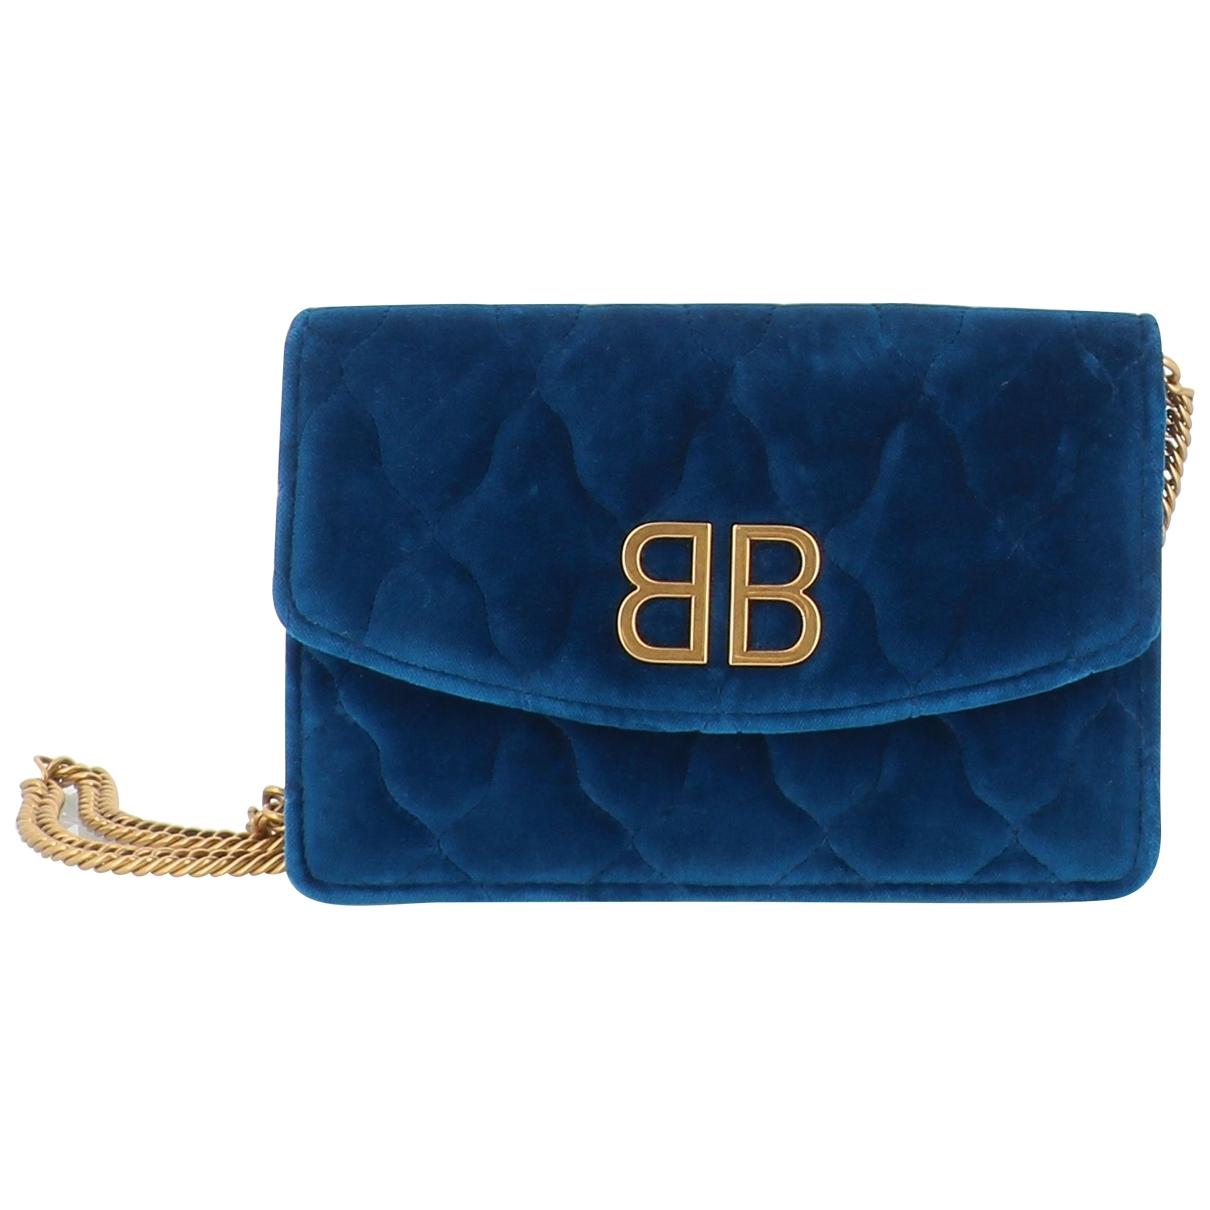 Balenciaga - Sac a main   pour femme en velours - bleu